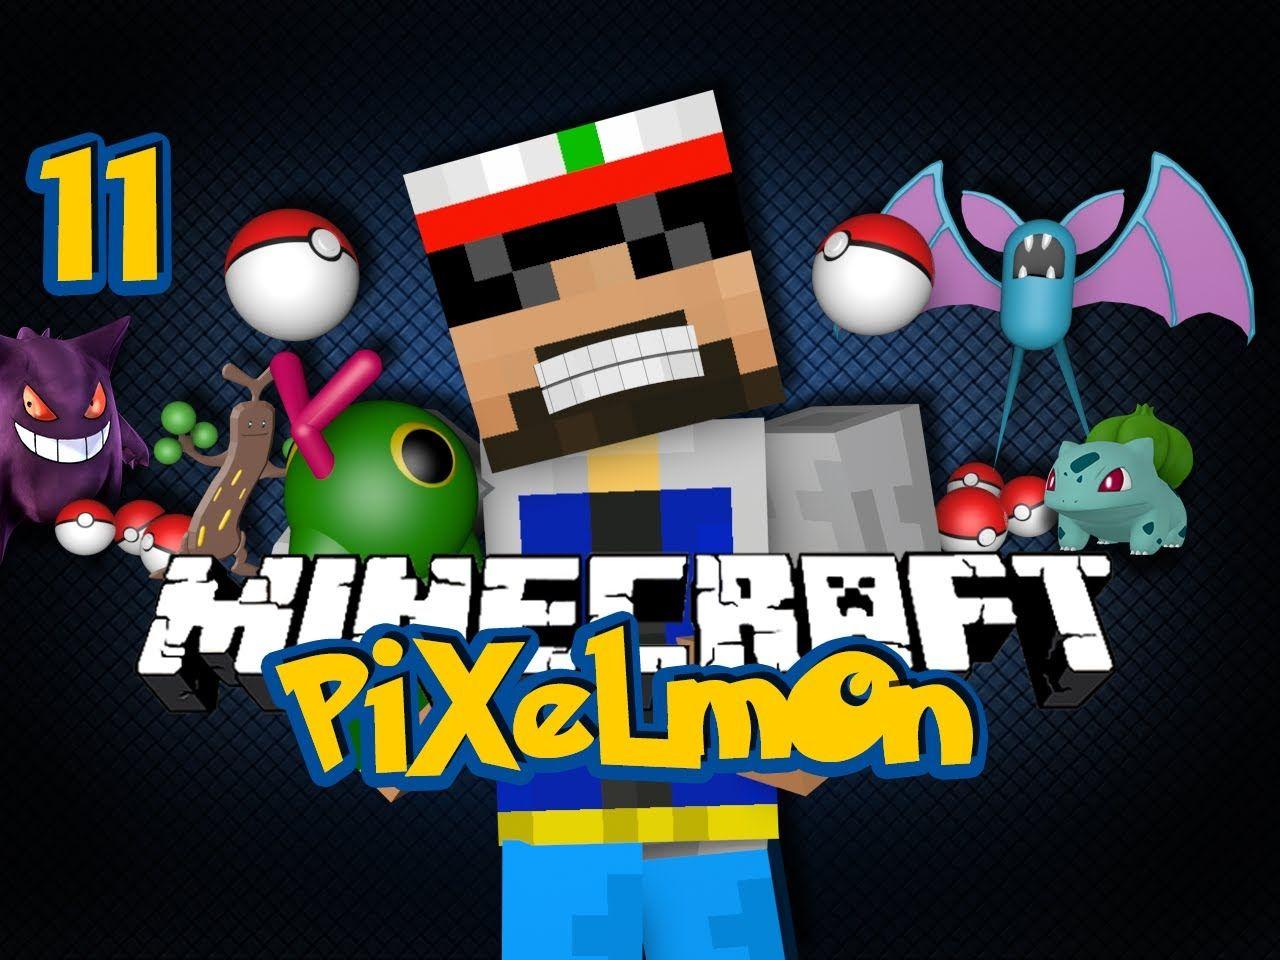 Minecraft Pixelmon 11 - JUNGLE BIOME IS MINE (Pokémon in Minecraft)